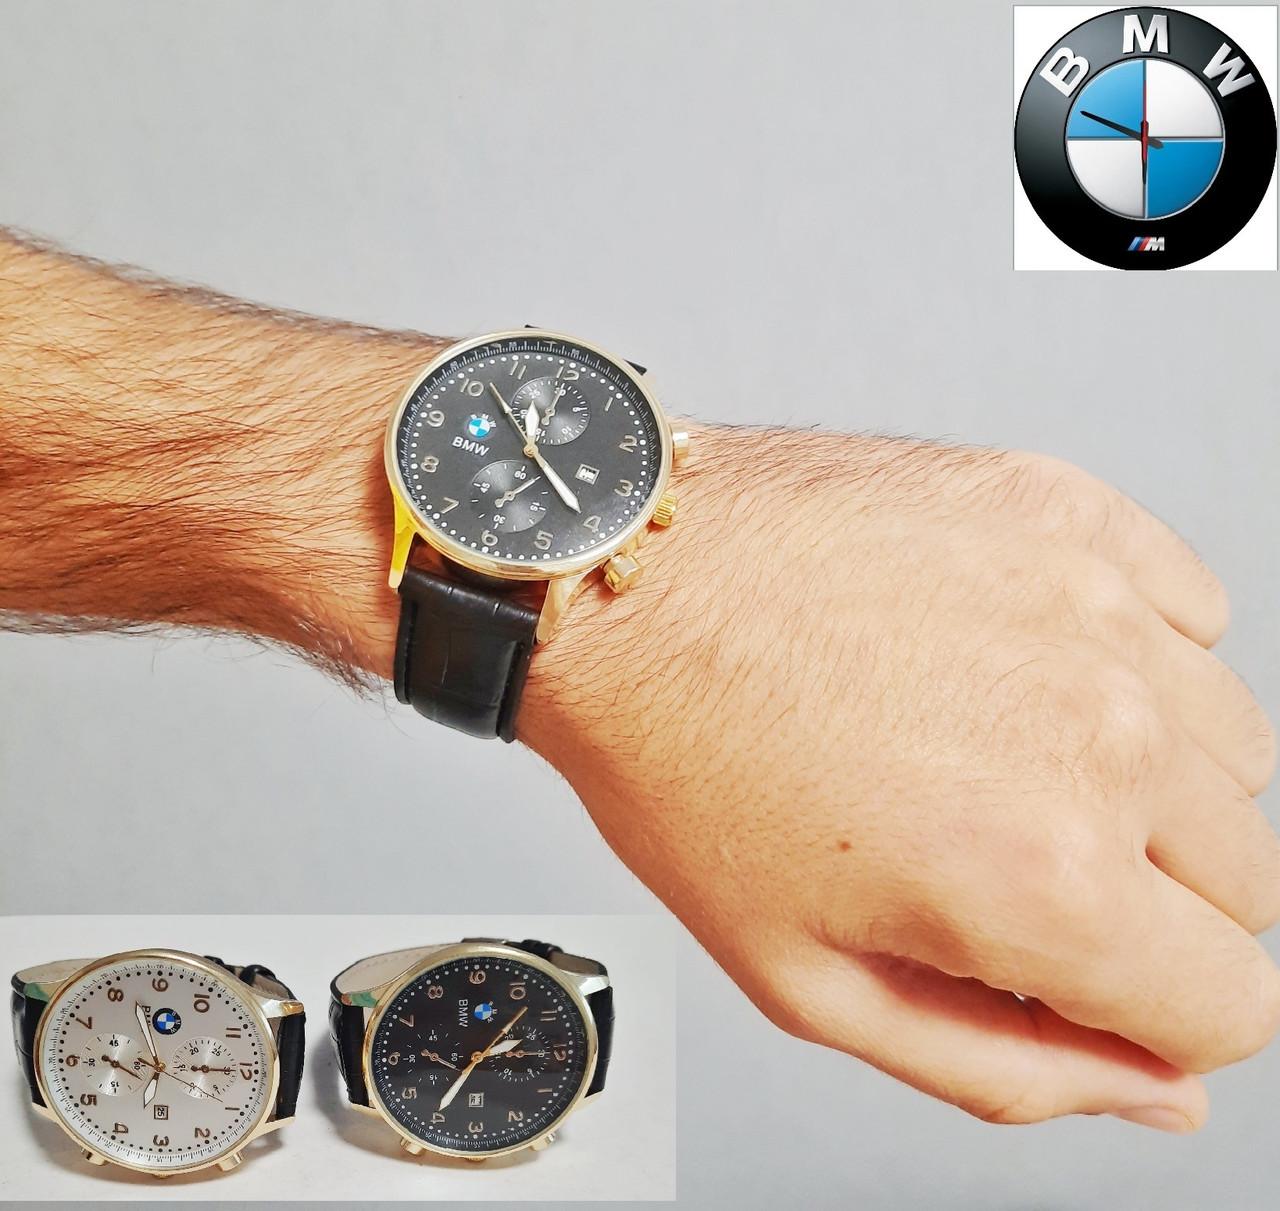 Мужские наручные часы BMW с кожаным ремешком.